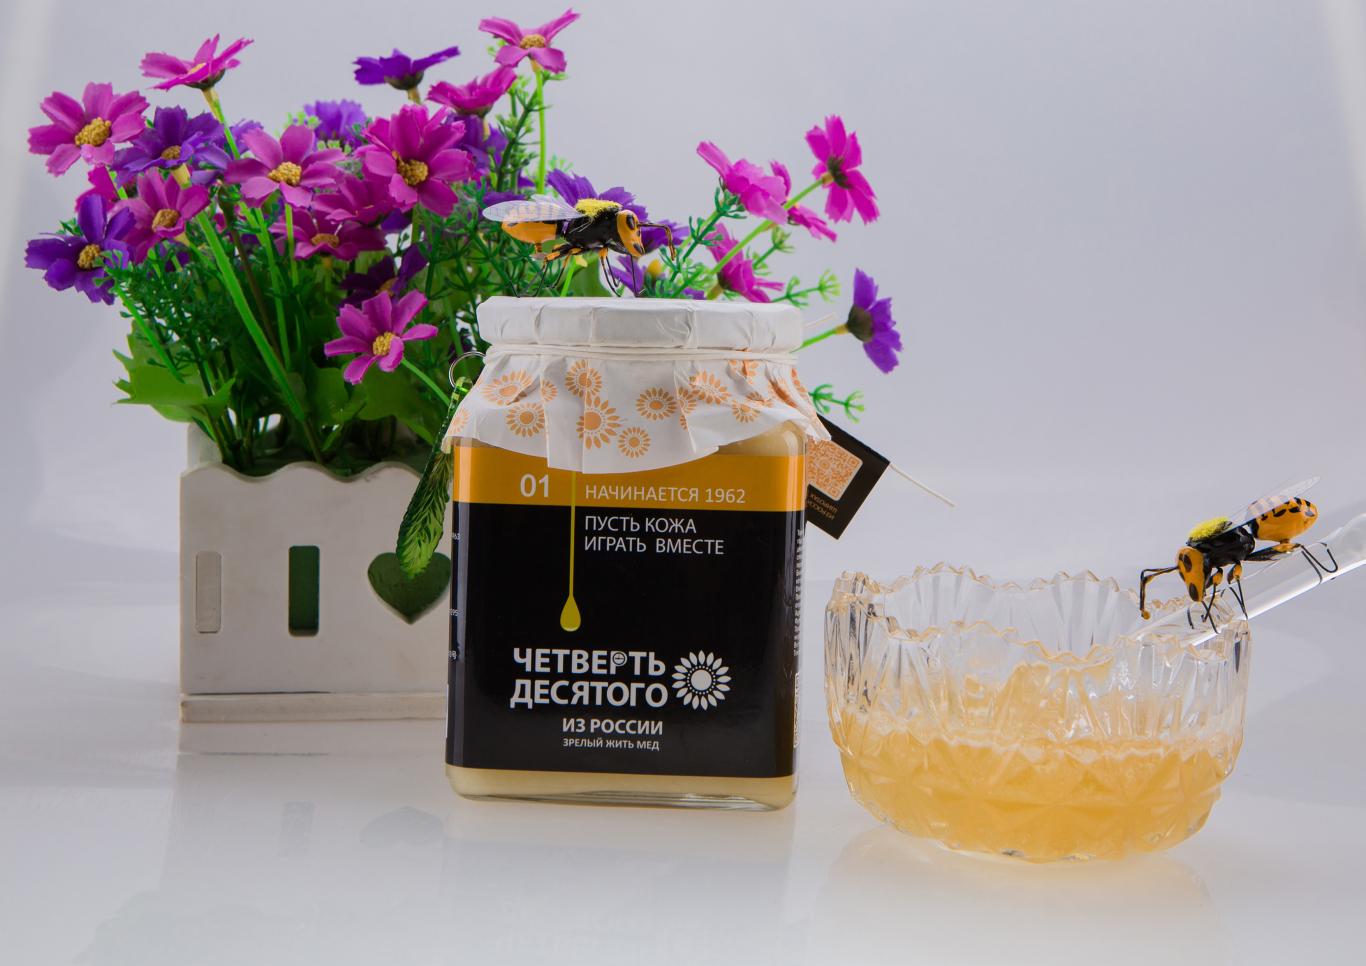 九点一刻蜂蜜LOGO标志及包装设计